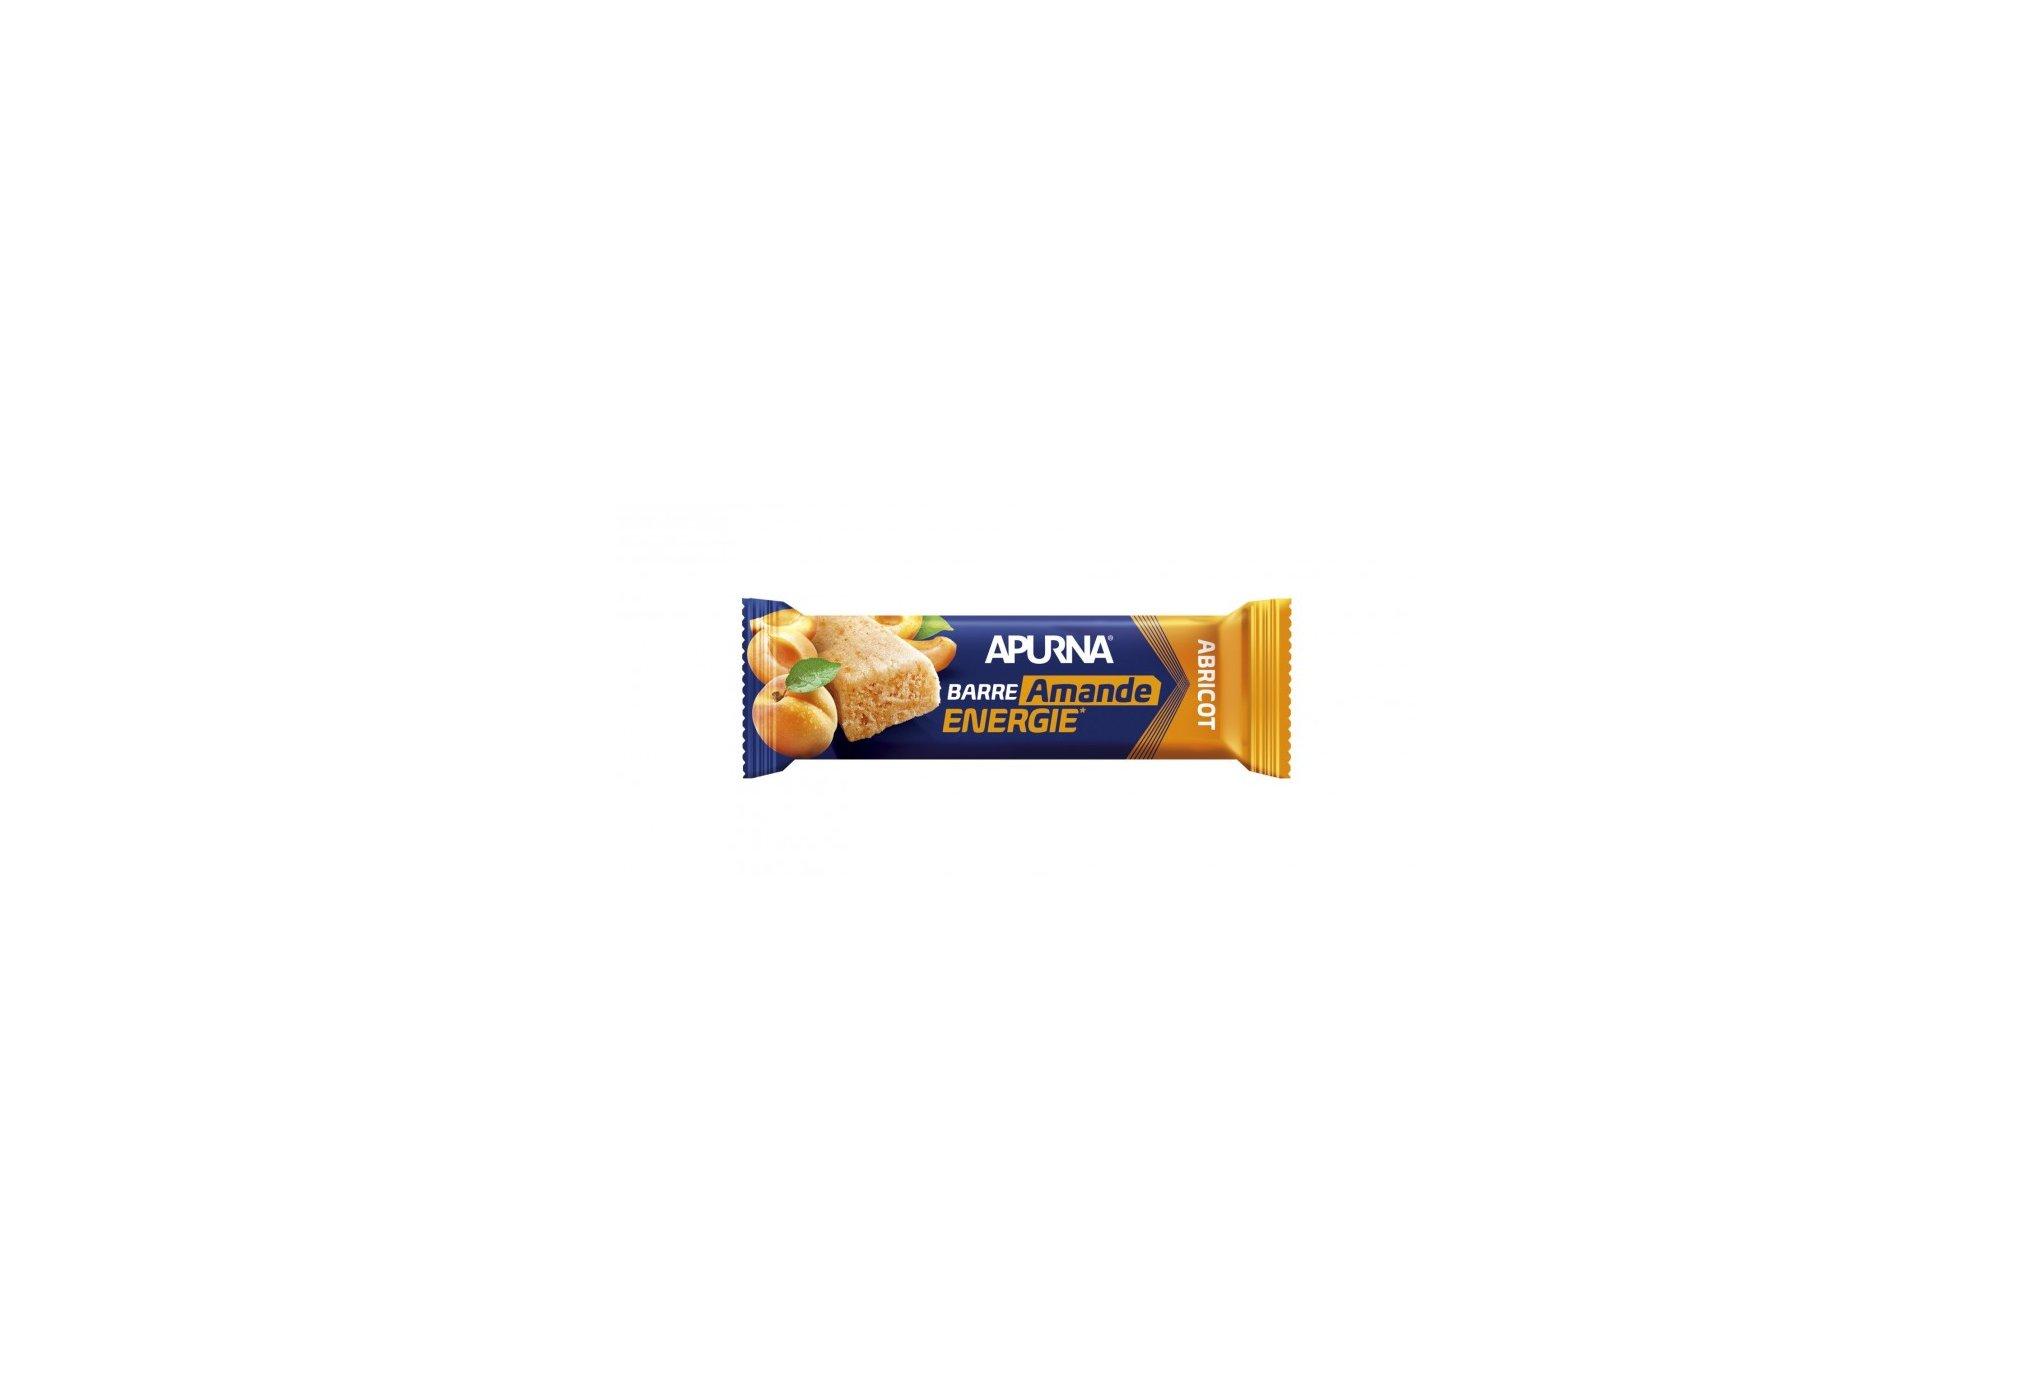 Apurna Barre énergétique - Abricot/Amande Diététique Barres